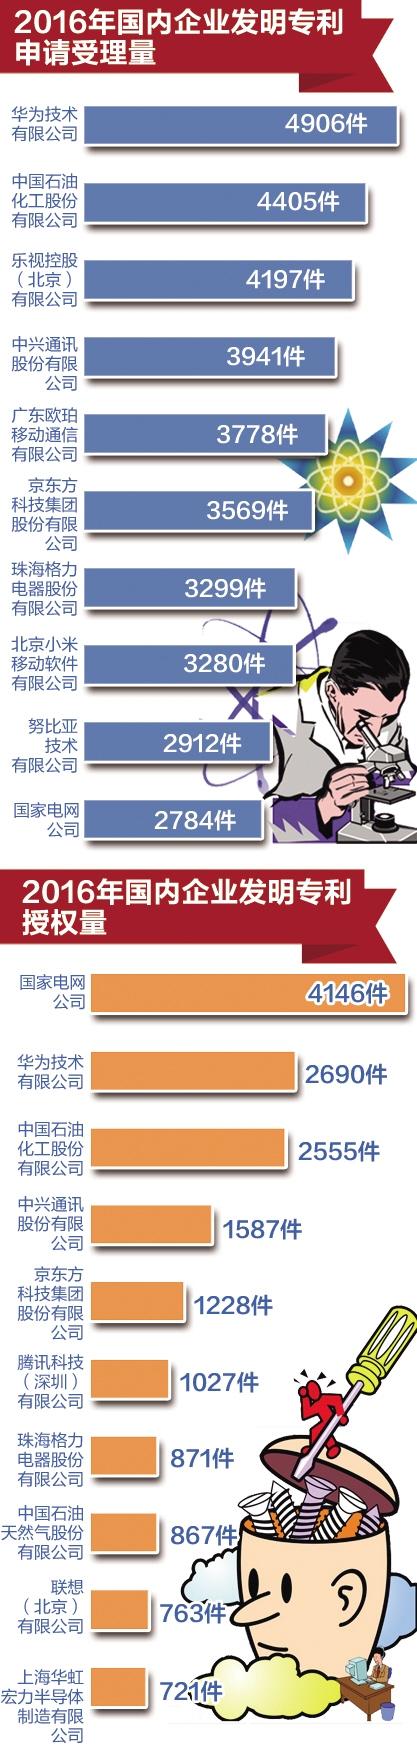 中国国内发明专利拥有量首破100万件